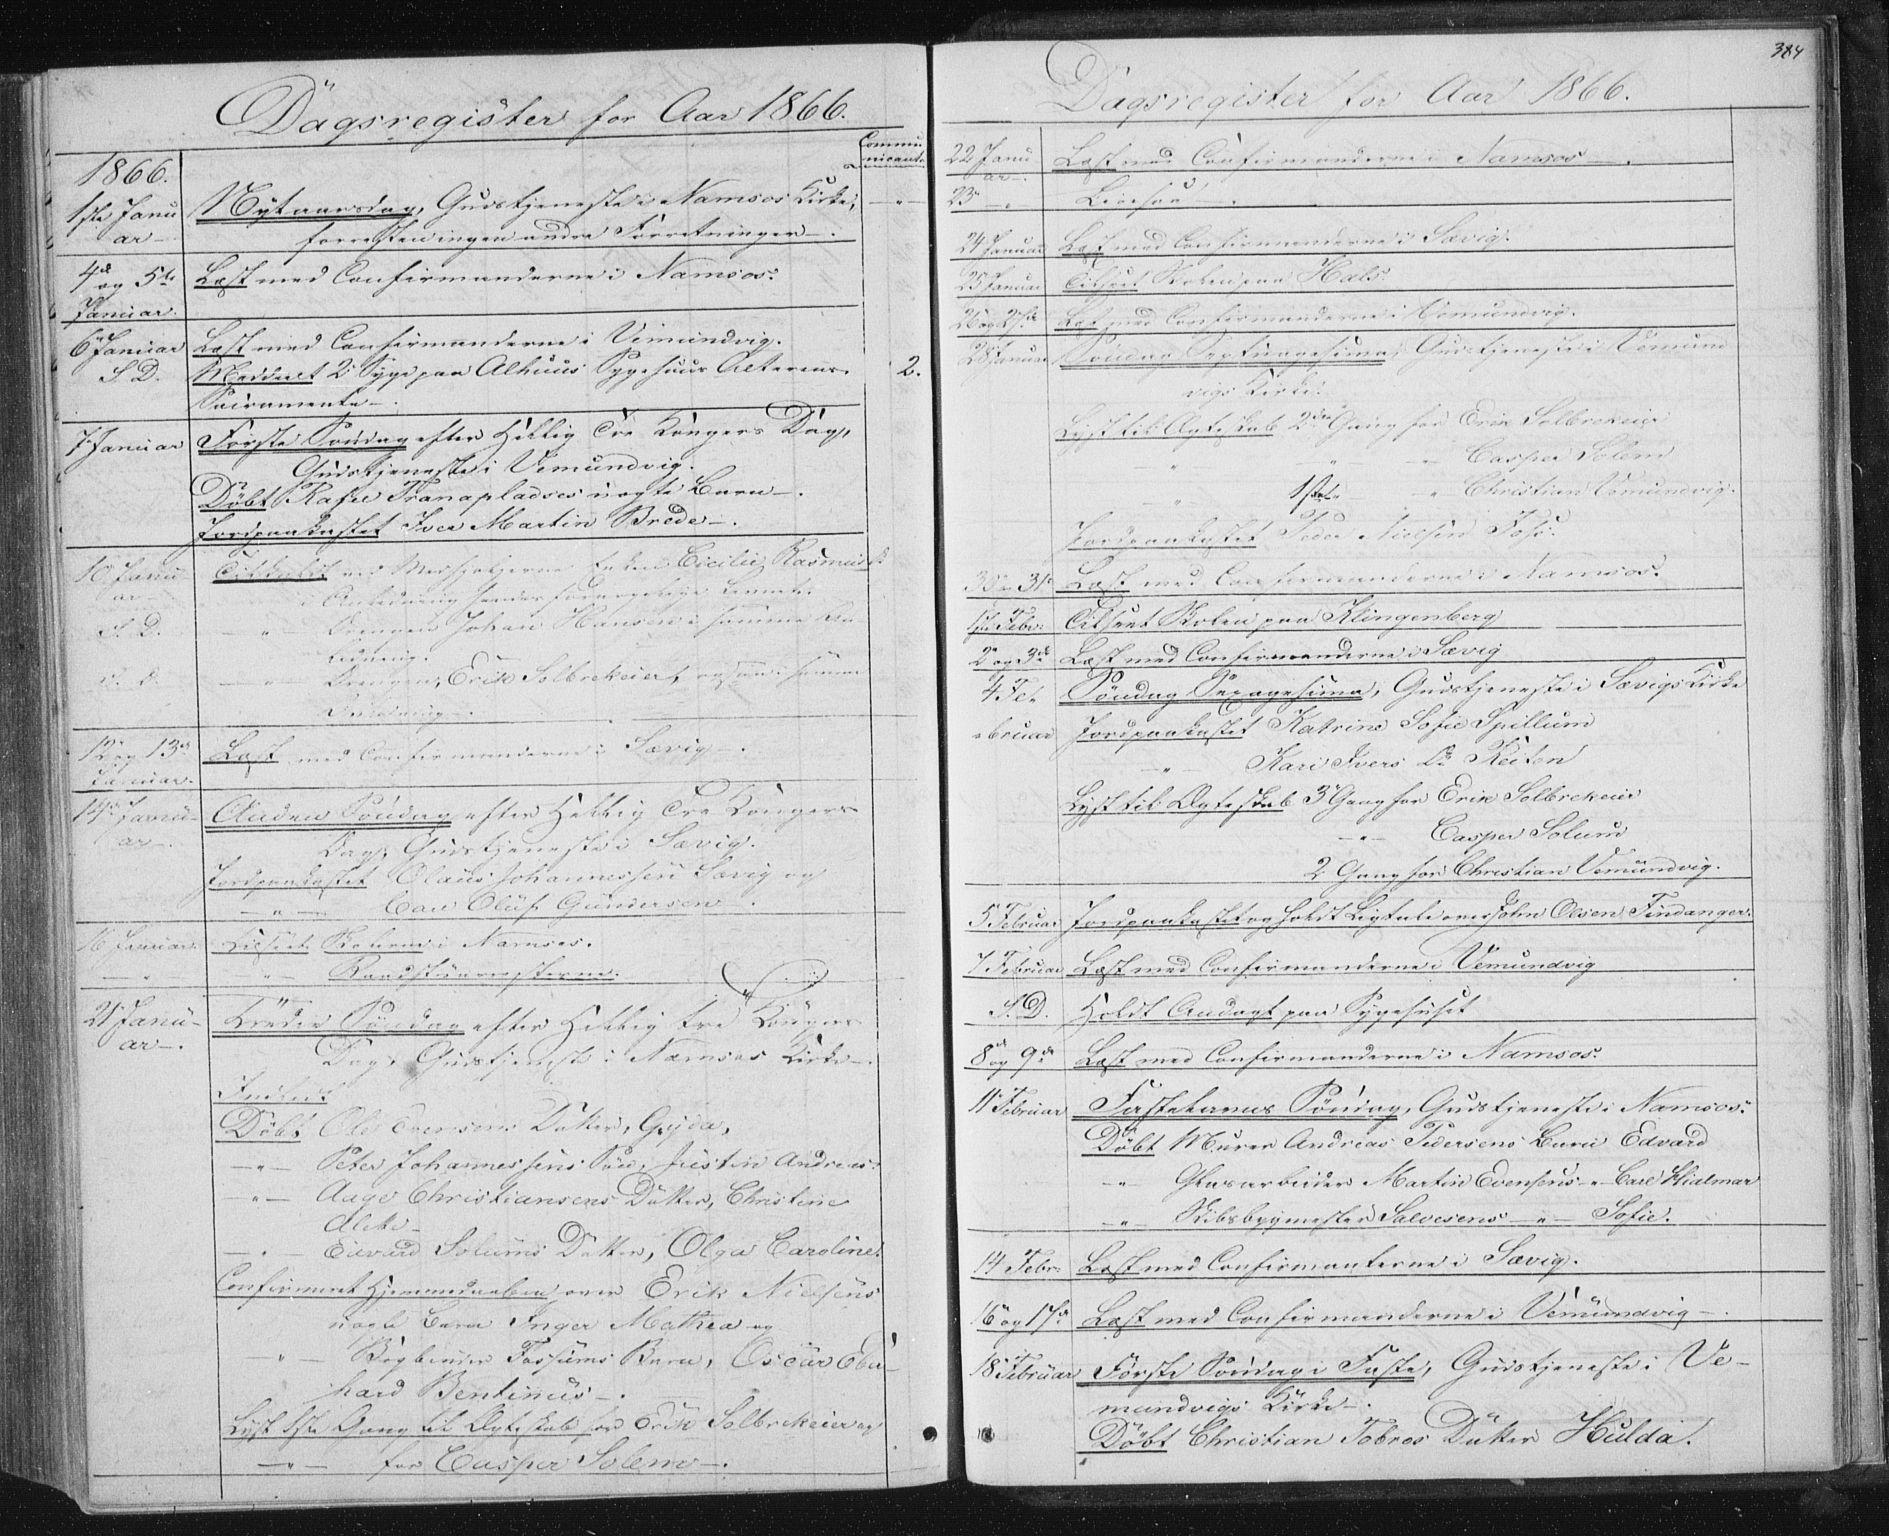 SAT, Ministerialprotokoller, klokkerbøker og fødselsregistre - Nord-Trøndelag, 768/L0570: Ministerialbok nr. 768A05, 1865-1874, s. 384